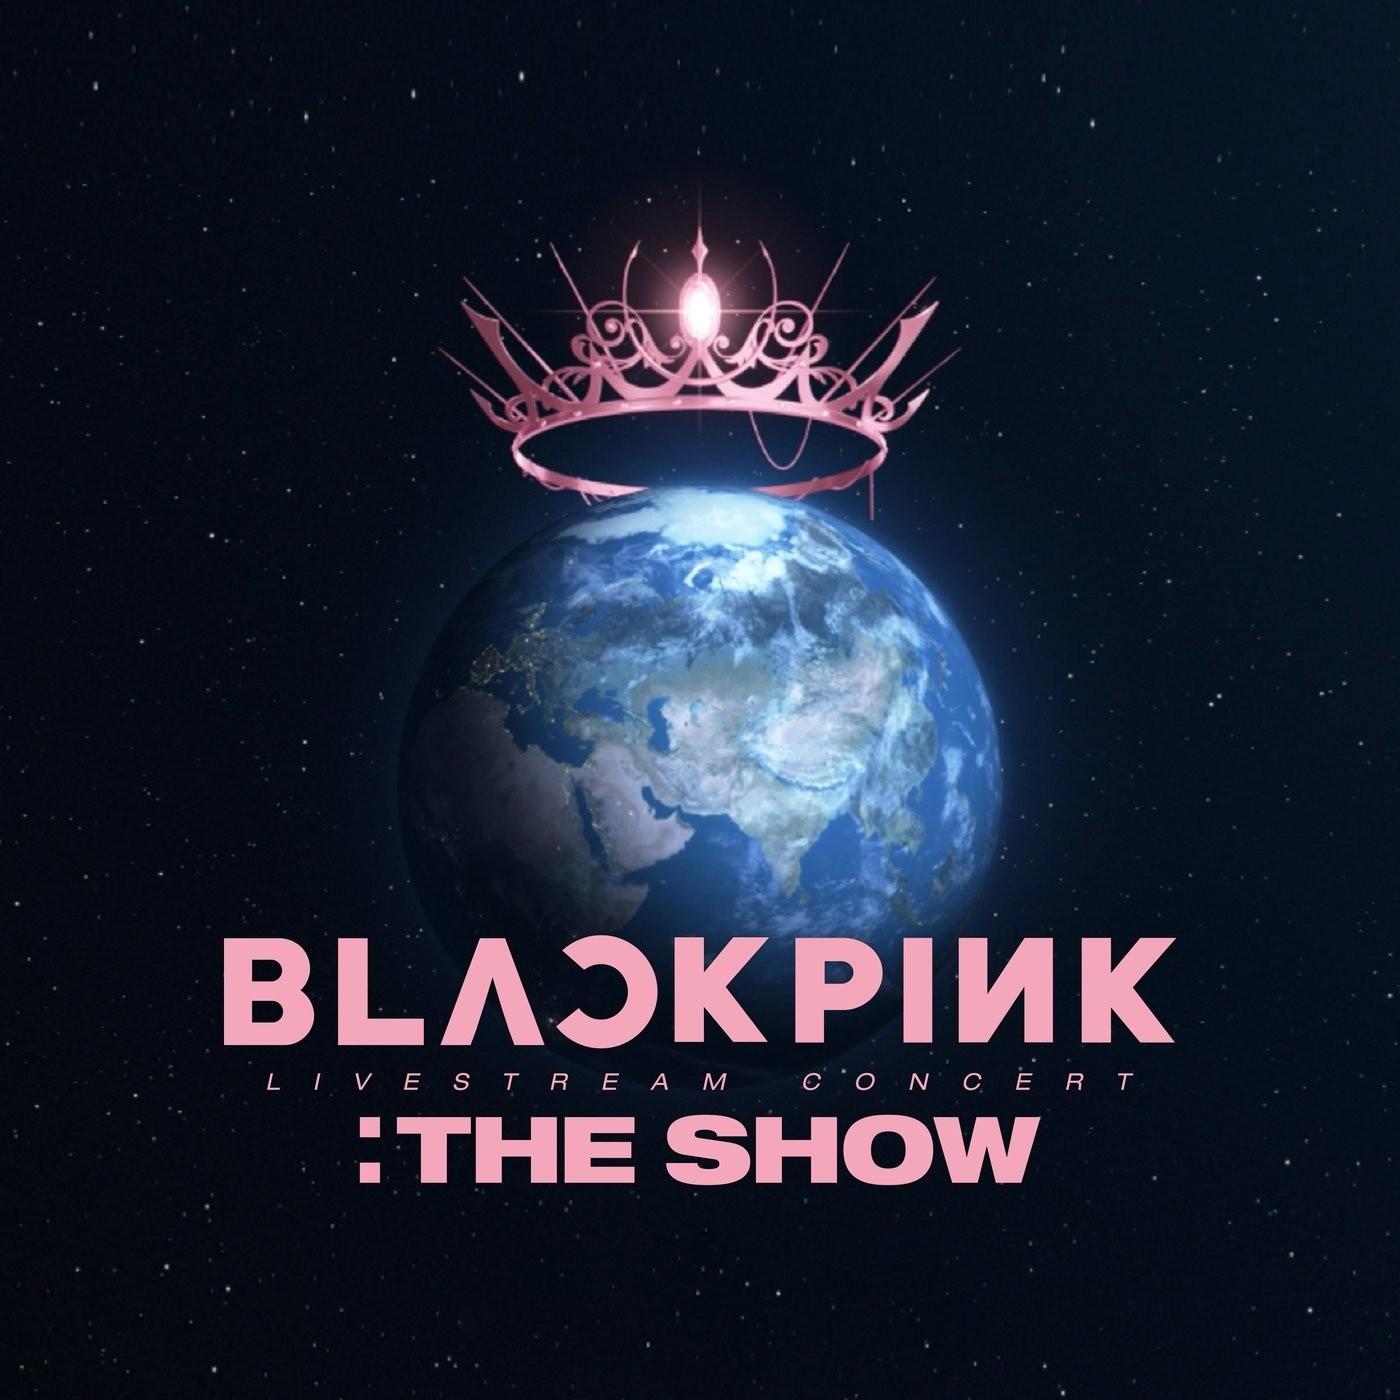 BLACKPINK – BLACKPINK 2021 'THE SHOW' LIVE [FLAC + AAC 256 / WEB] [2021.06.01]